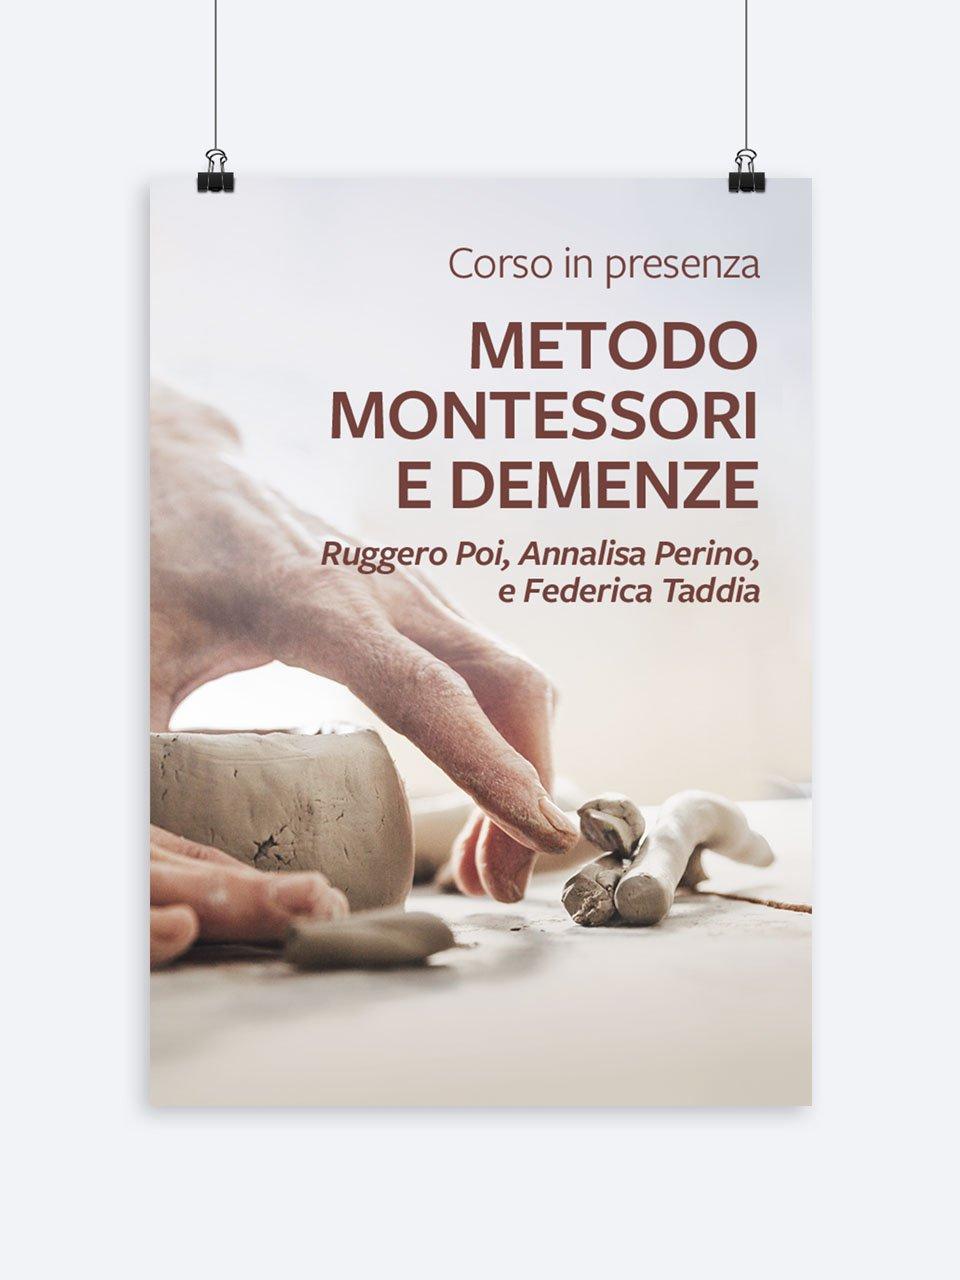 Metodo Montessori e demenze - Formazione per docenti, educatori, assistenti sociali, psicologi - Erickson